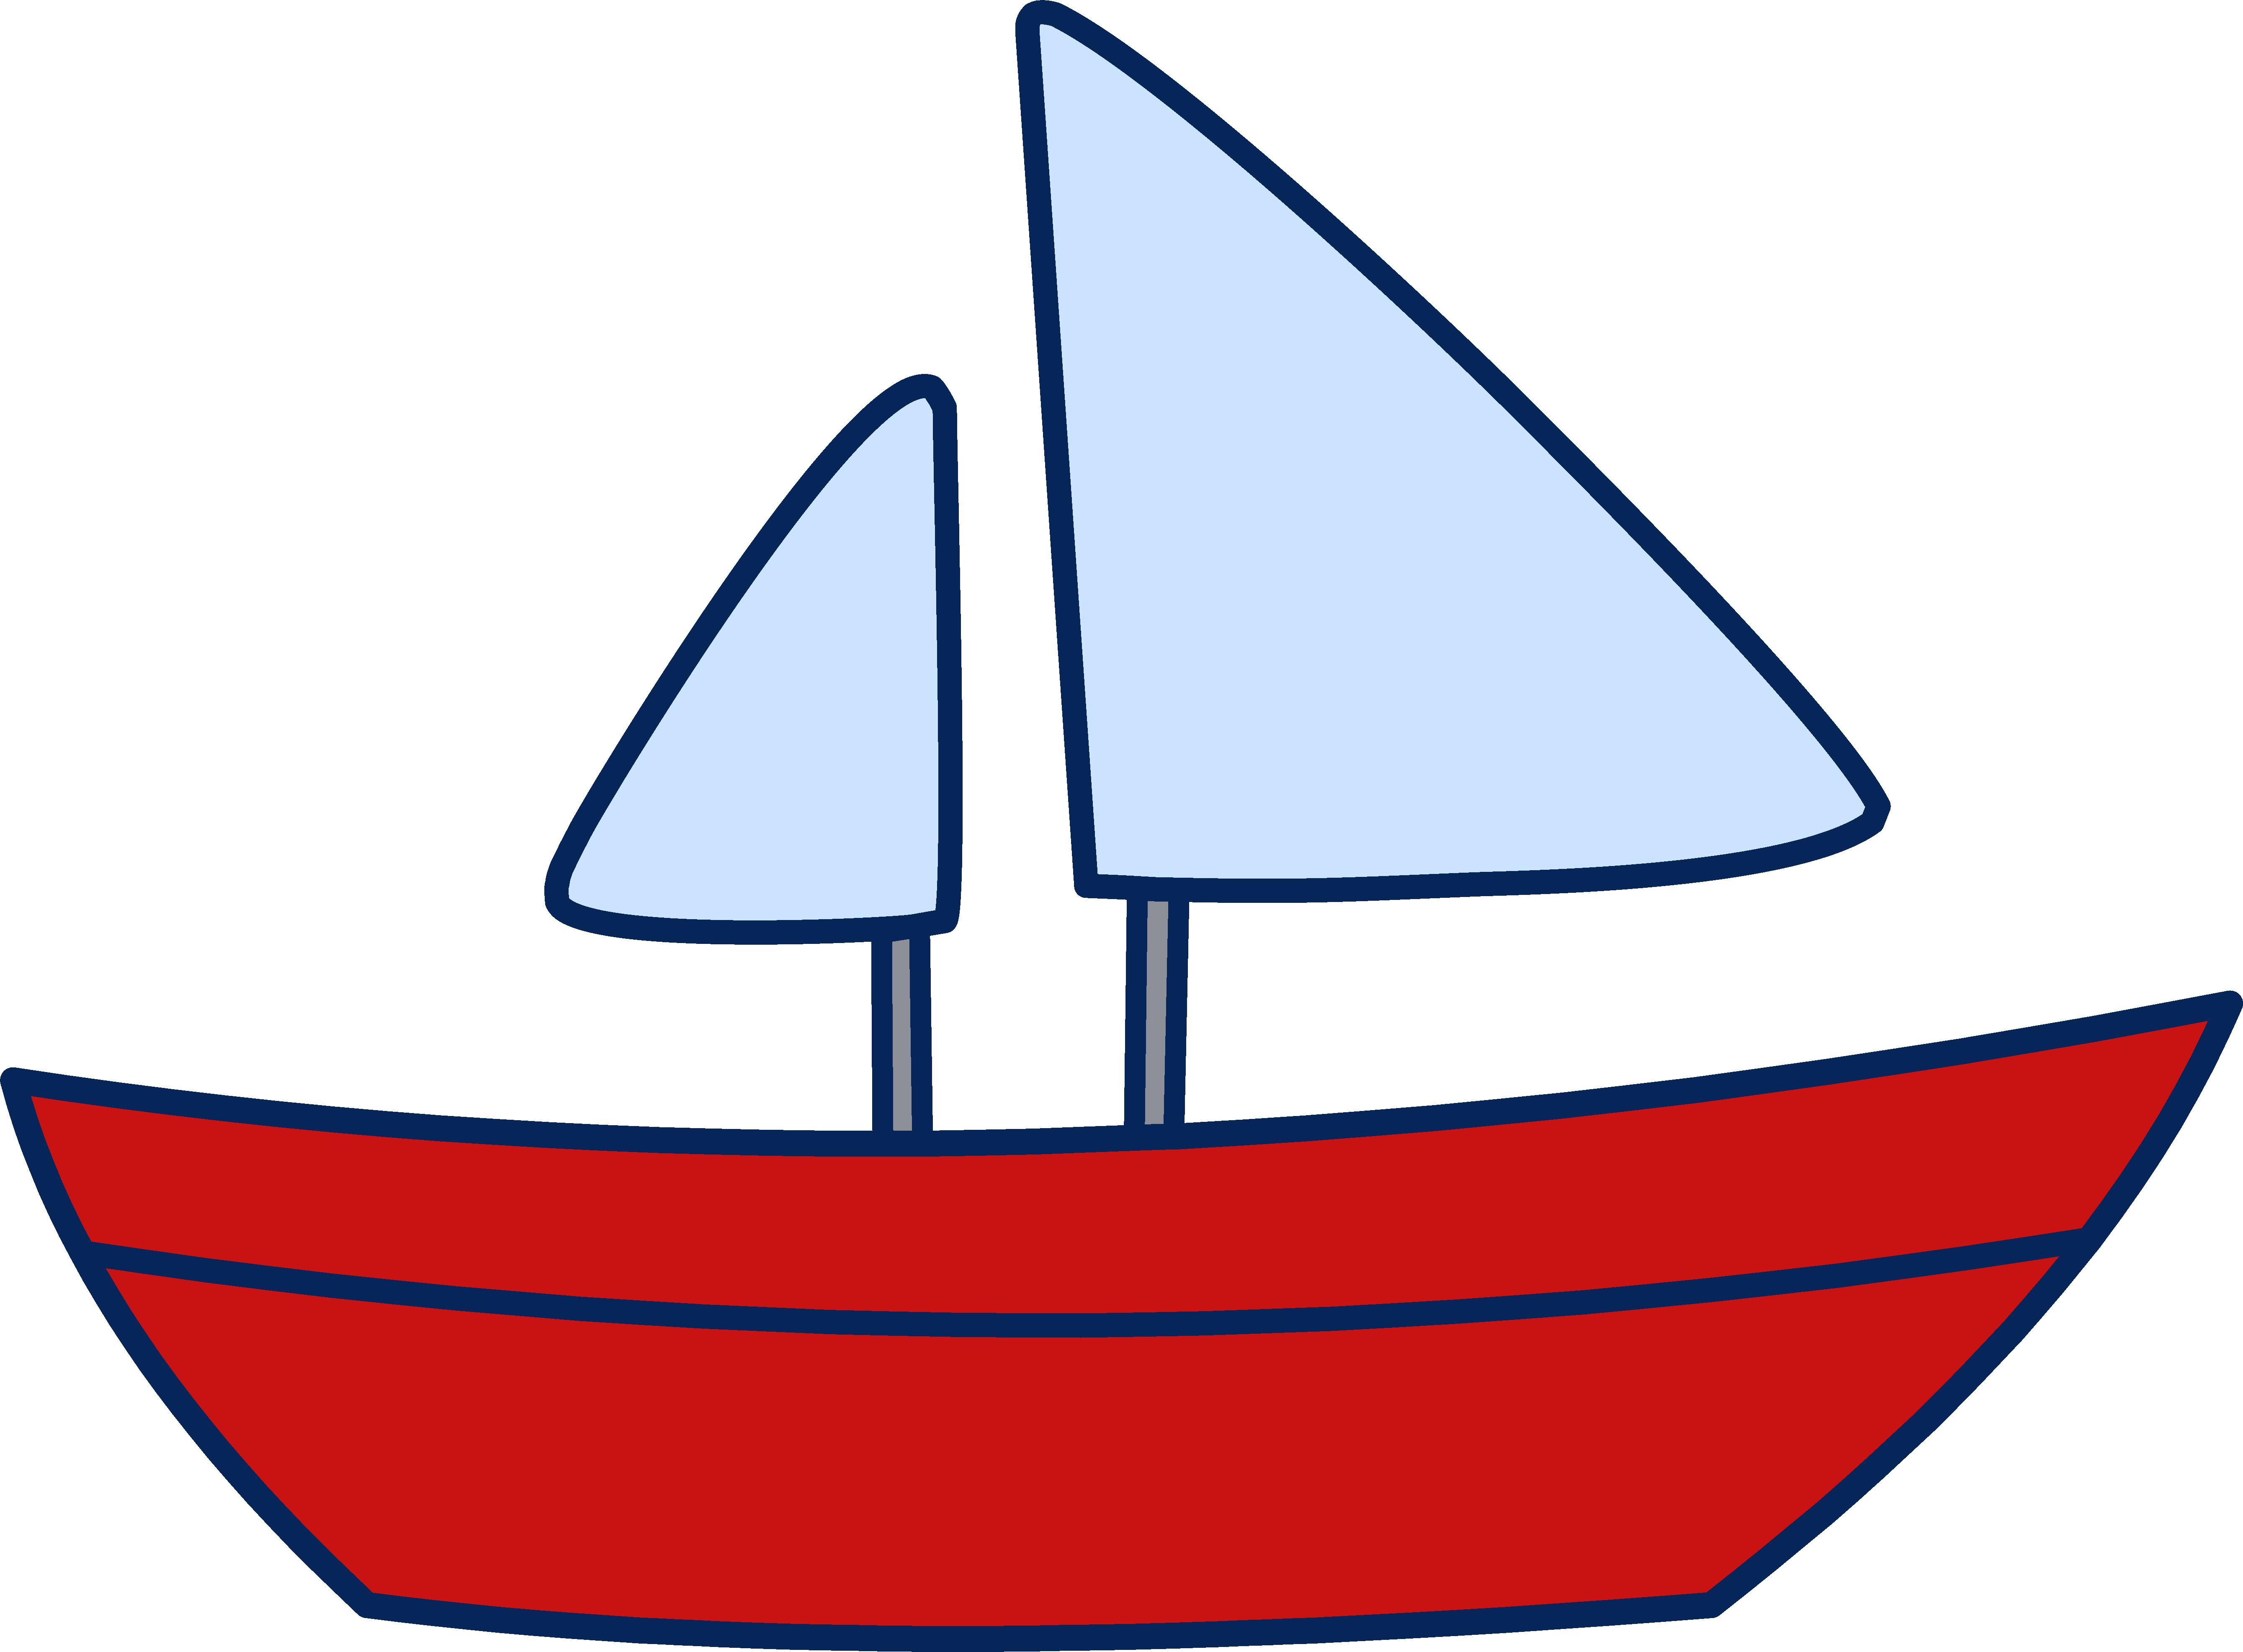 Free PNG Sailing Boats - 85169